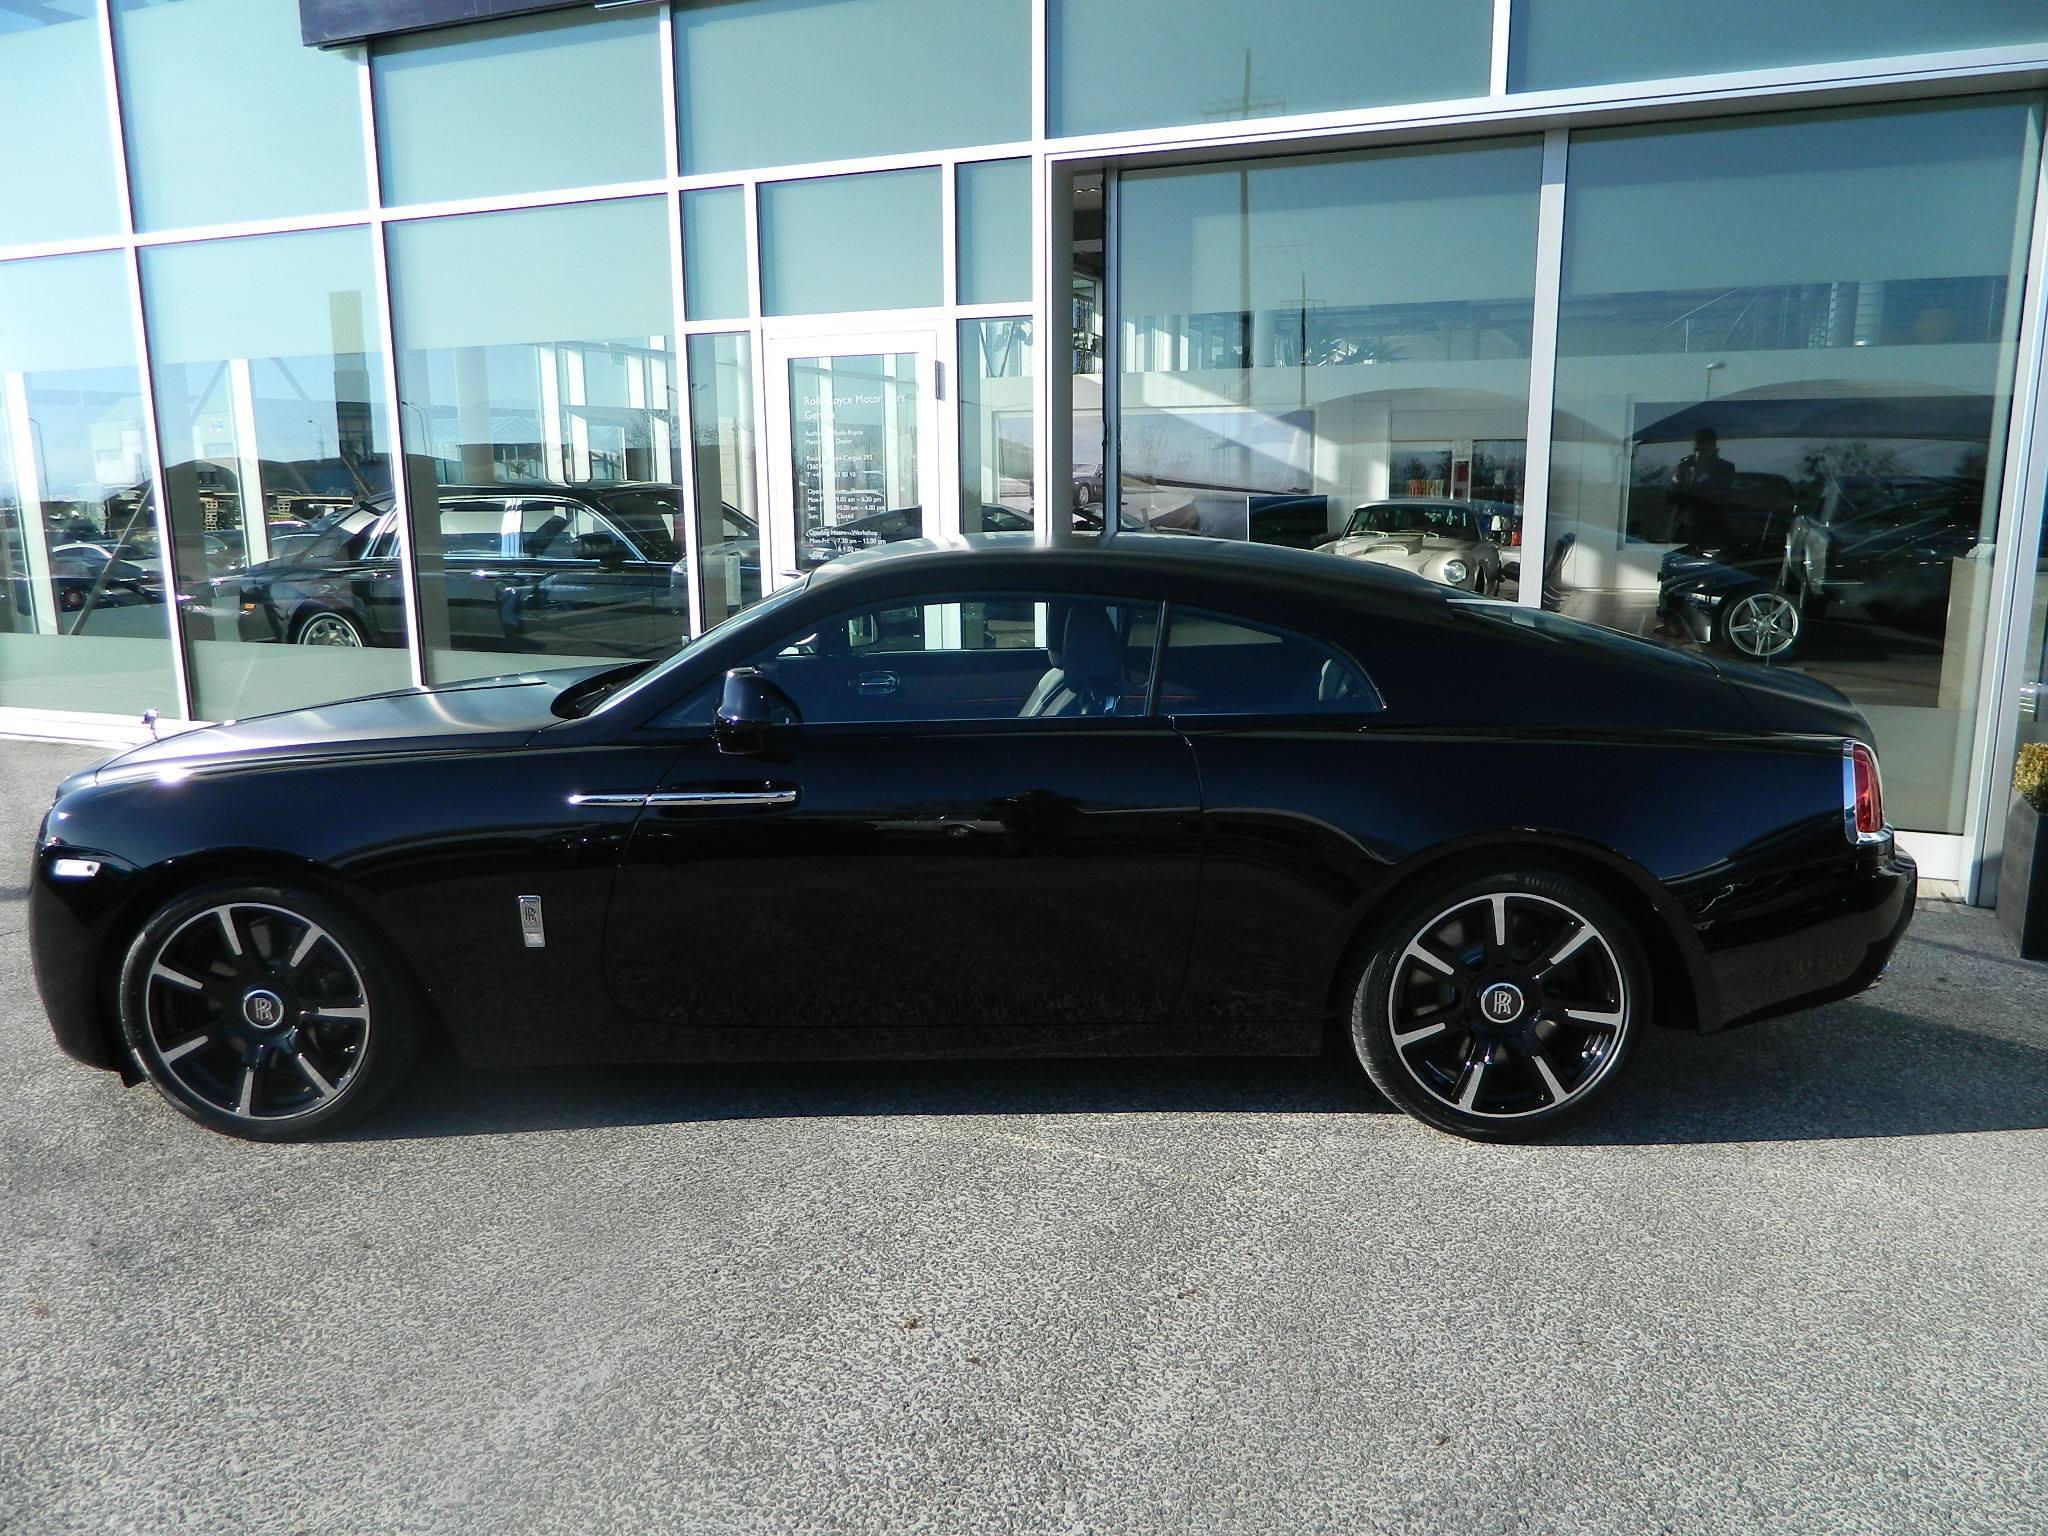 Rolls Royce Wraith Carbon Fiber 2